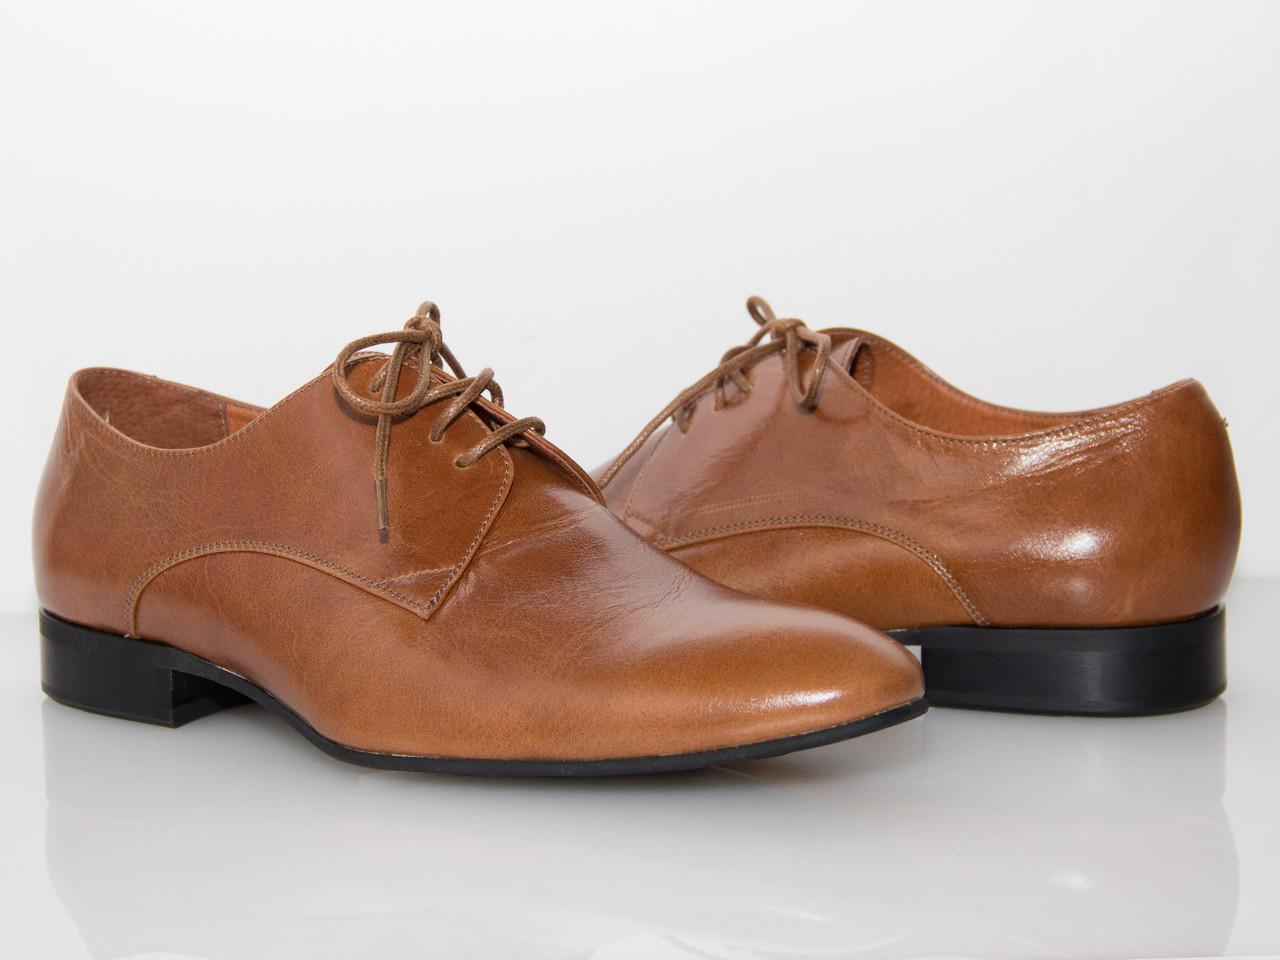 Туфли коричневые мужские/ man shoes 09007